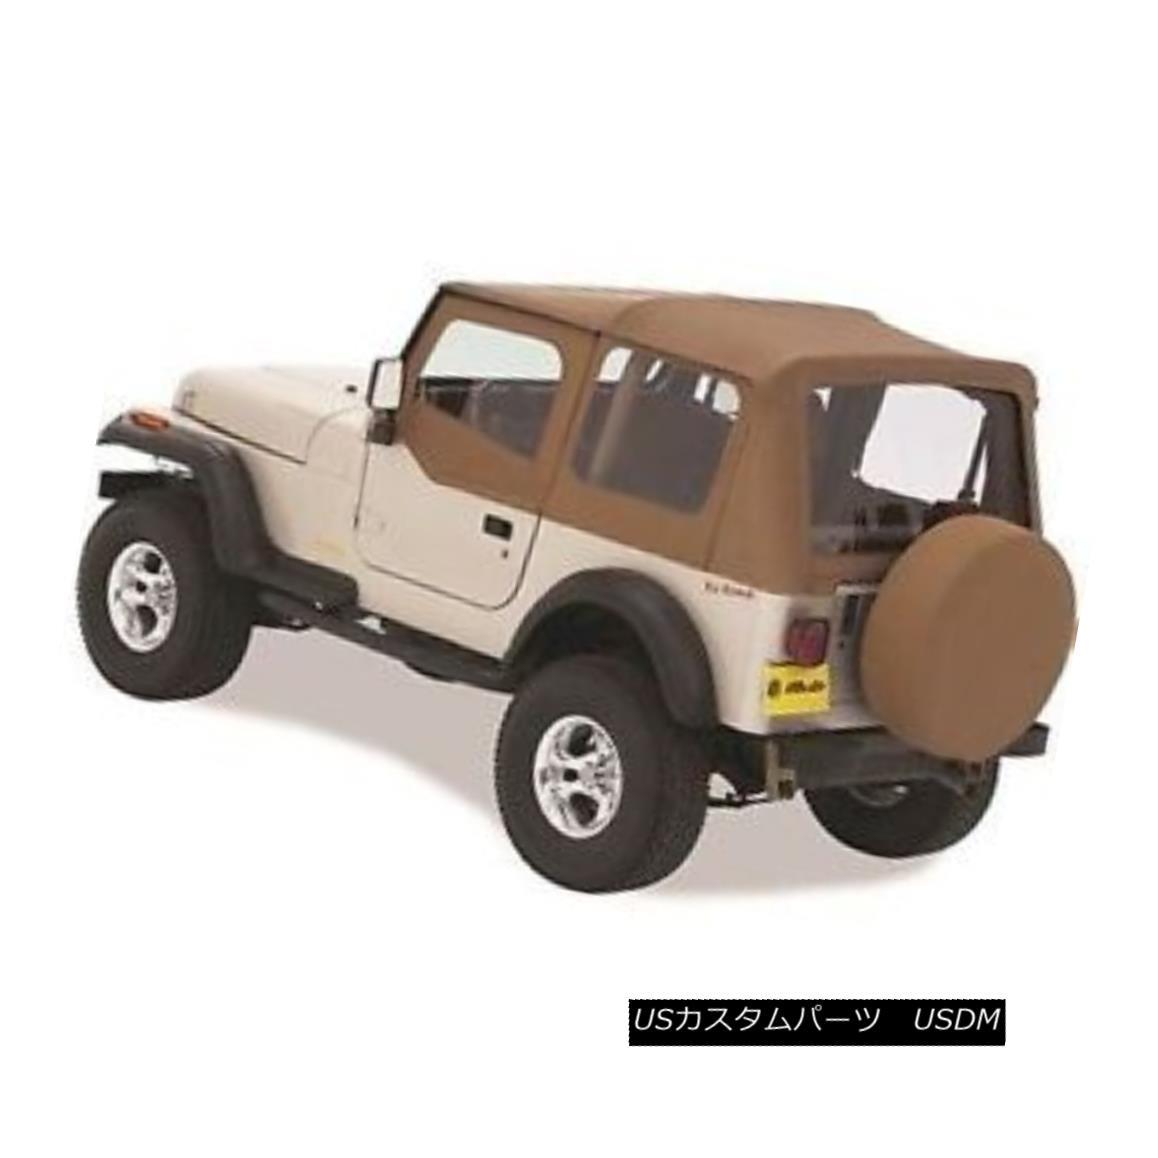 幌・ソフトトップ Bestop 51120-37 Replace A Top Soft Top Spice for 1988-1995 Jeep Wrangler Bestop 51120-37トップソフトトップスパイスを1988-1995ジープラングラーに交換